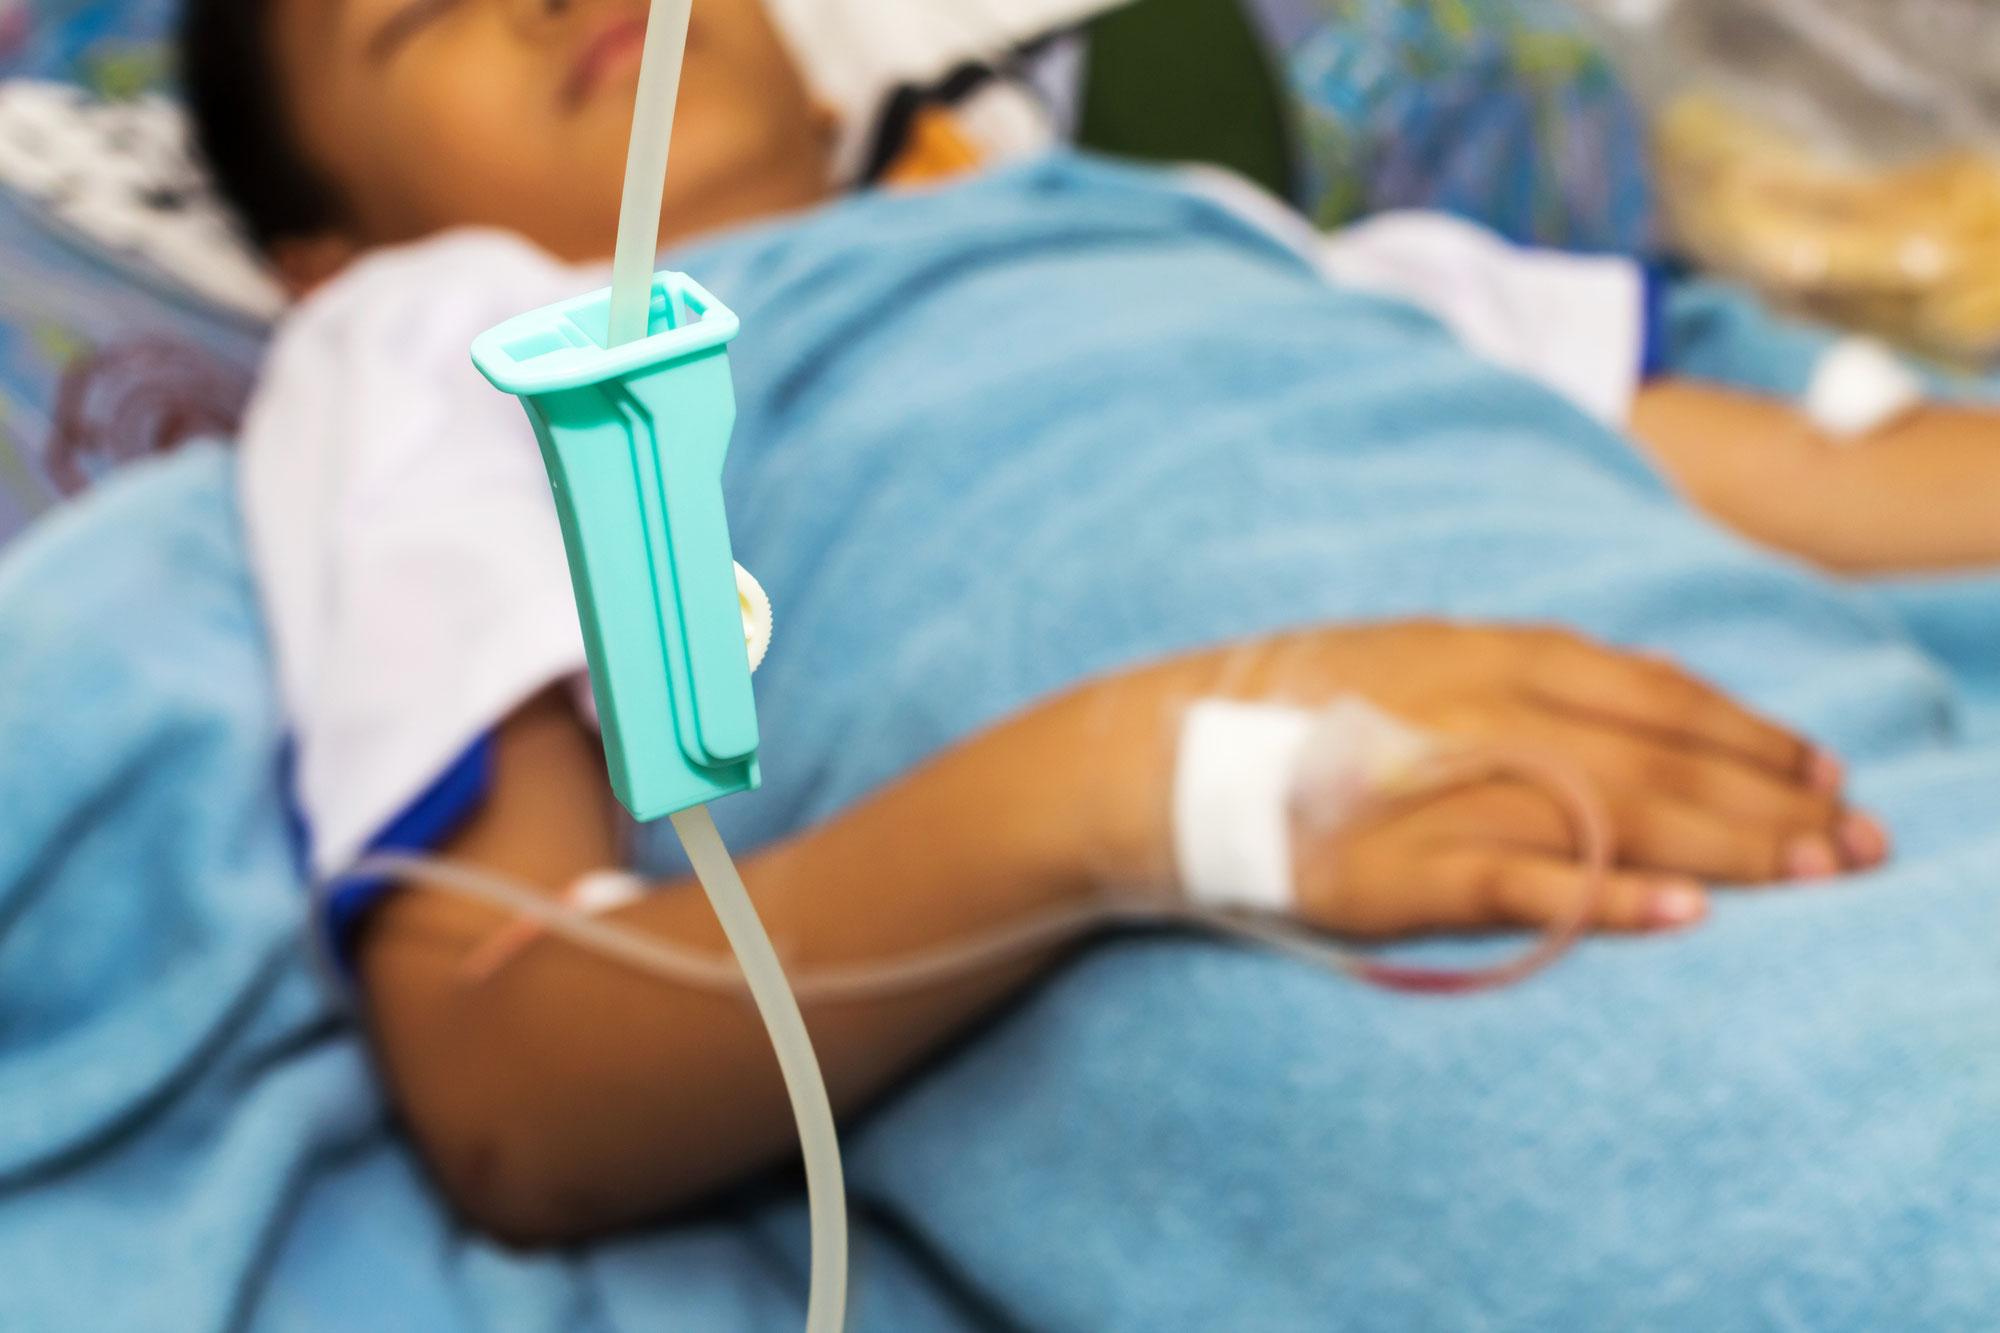 Calculadora Líquidos de mantenimiento en niños - Pediatria Holliday Segar